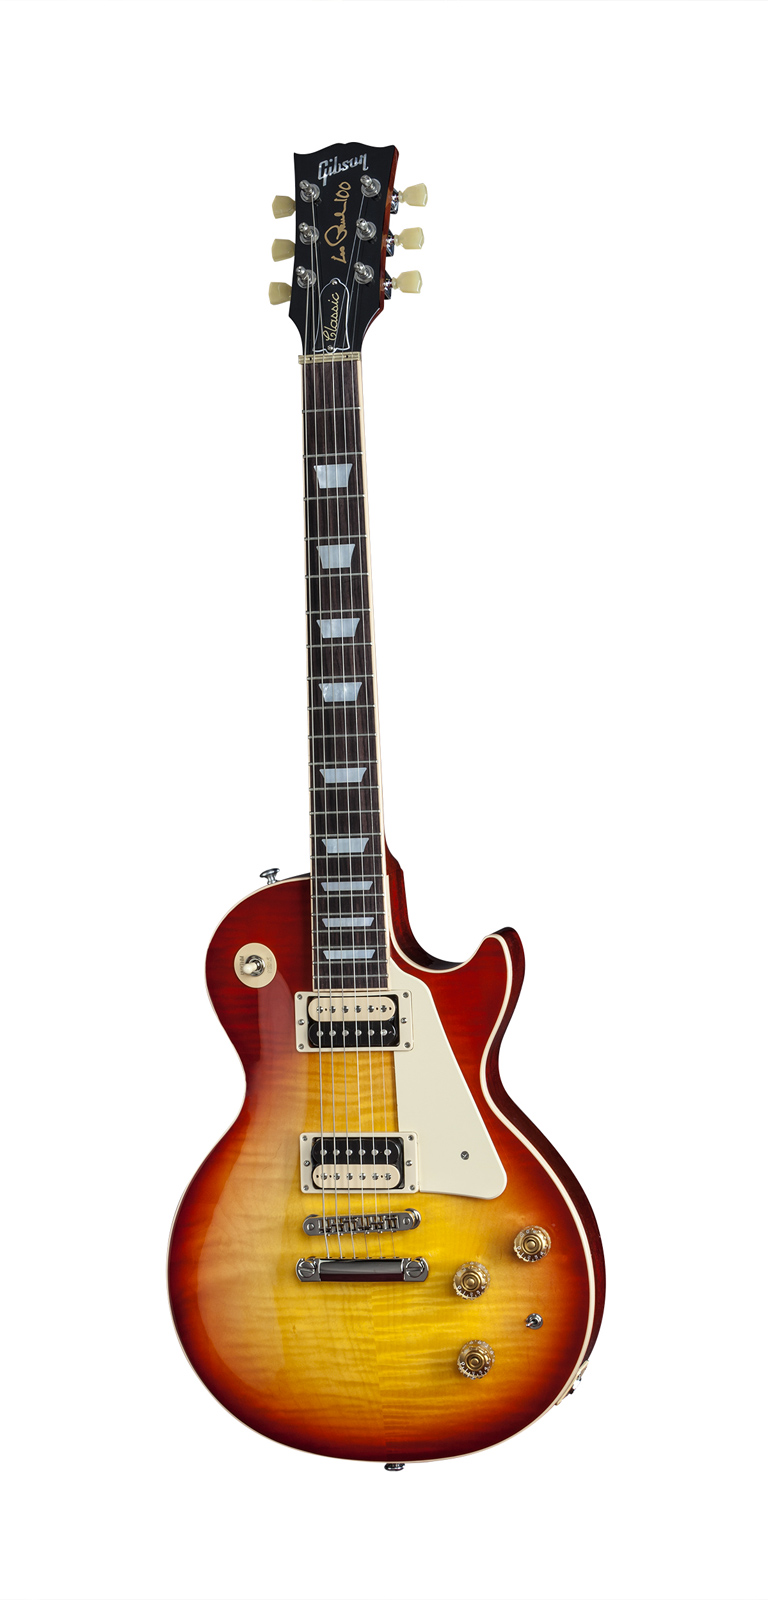 Gibson Les Paul Lp Classic 2015 Heritage Cherry Sunburst + Etui